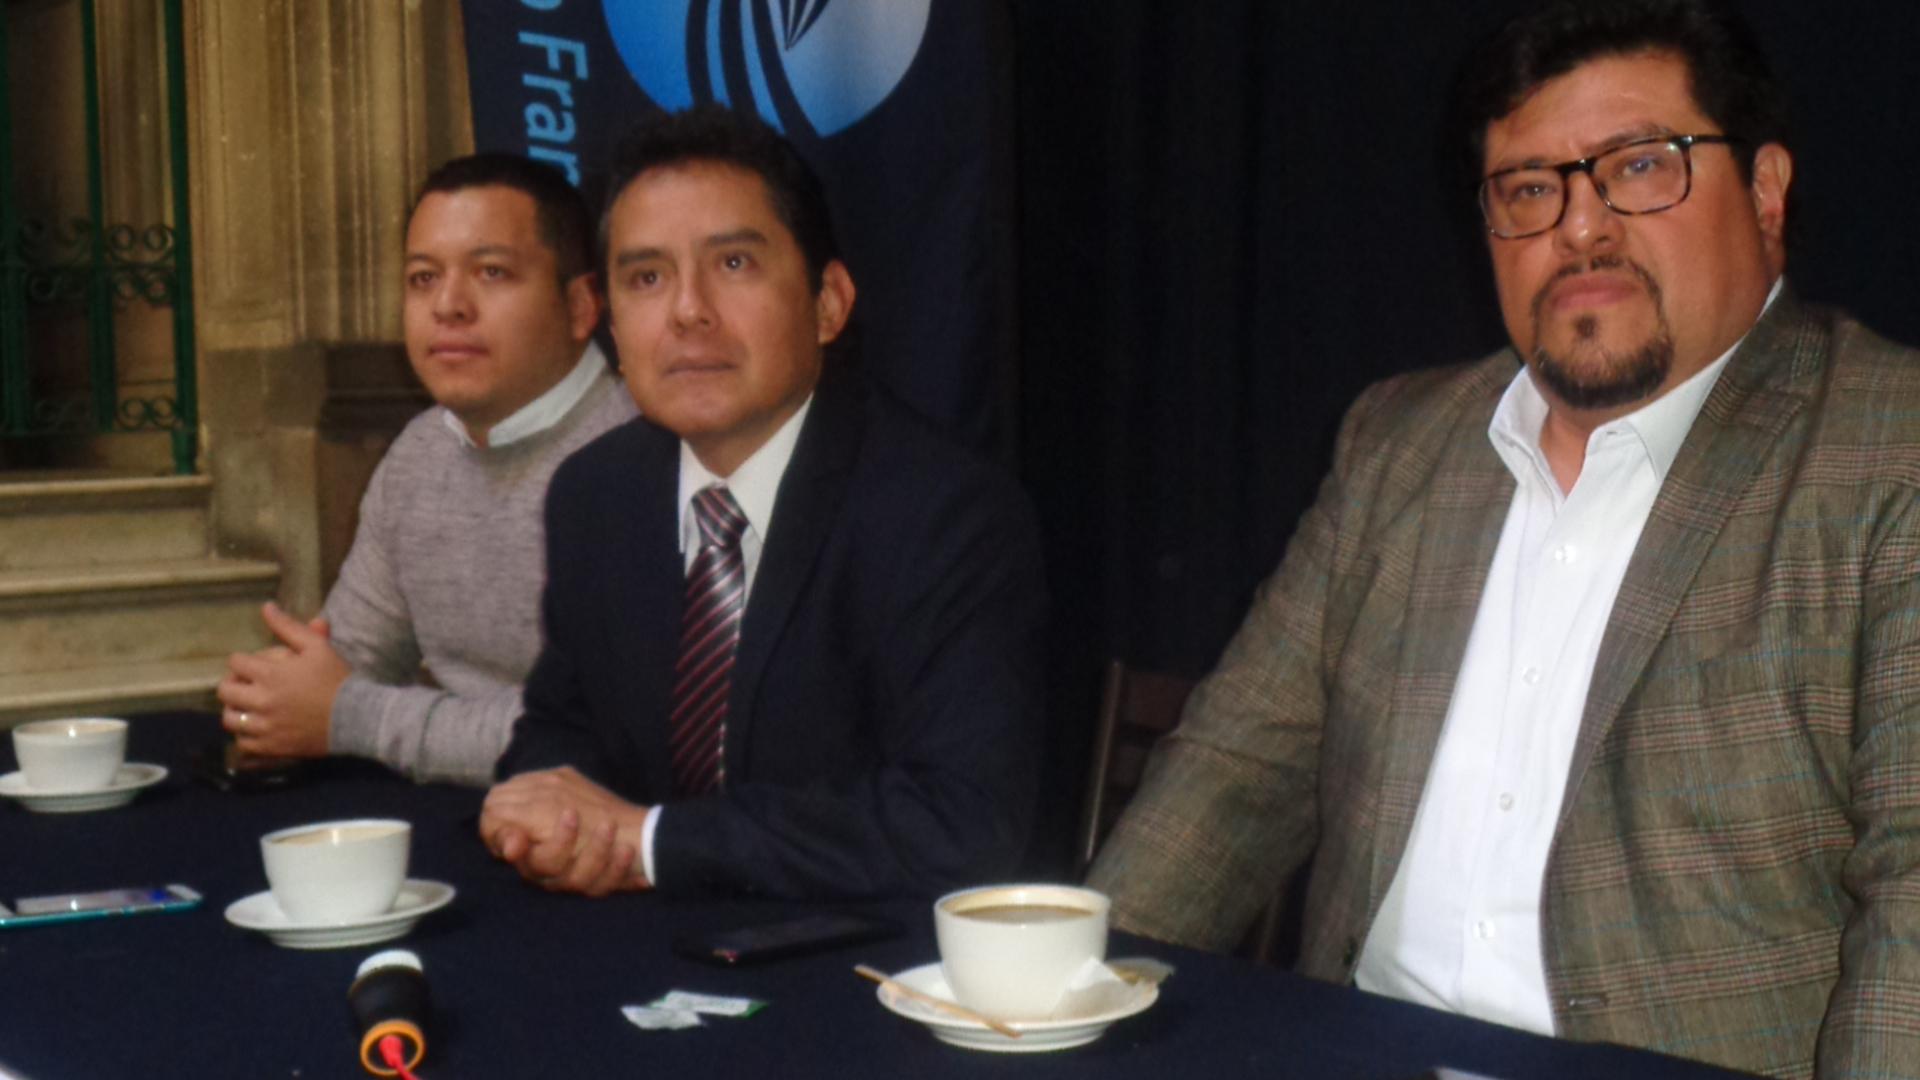 Los empresarios de franquicias ven bien a los gobiernos federal y estatal: Lobato